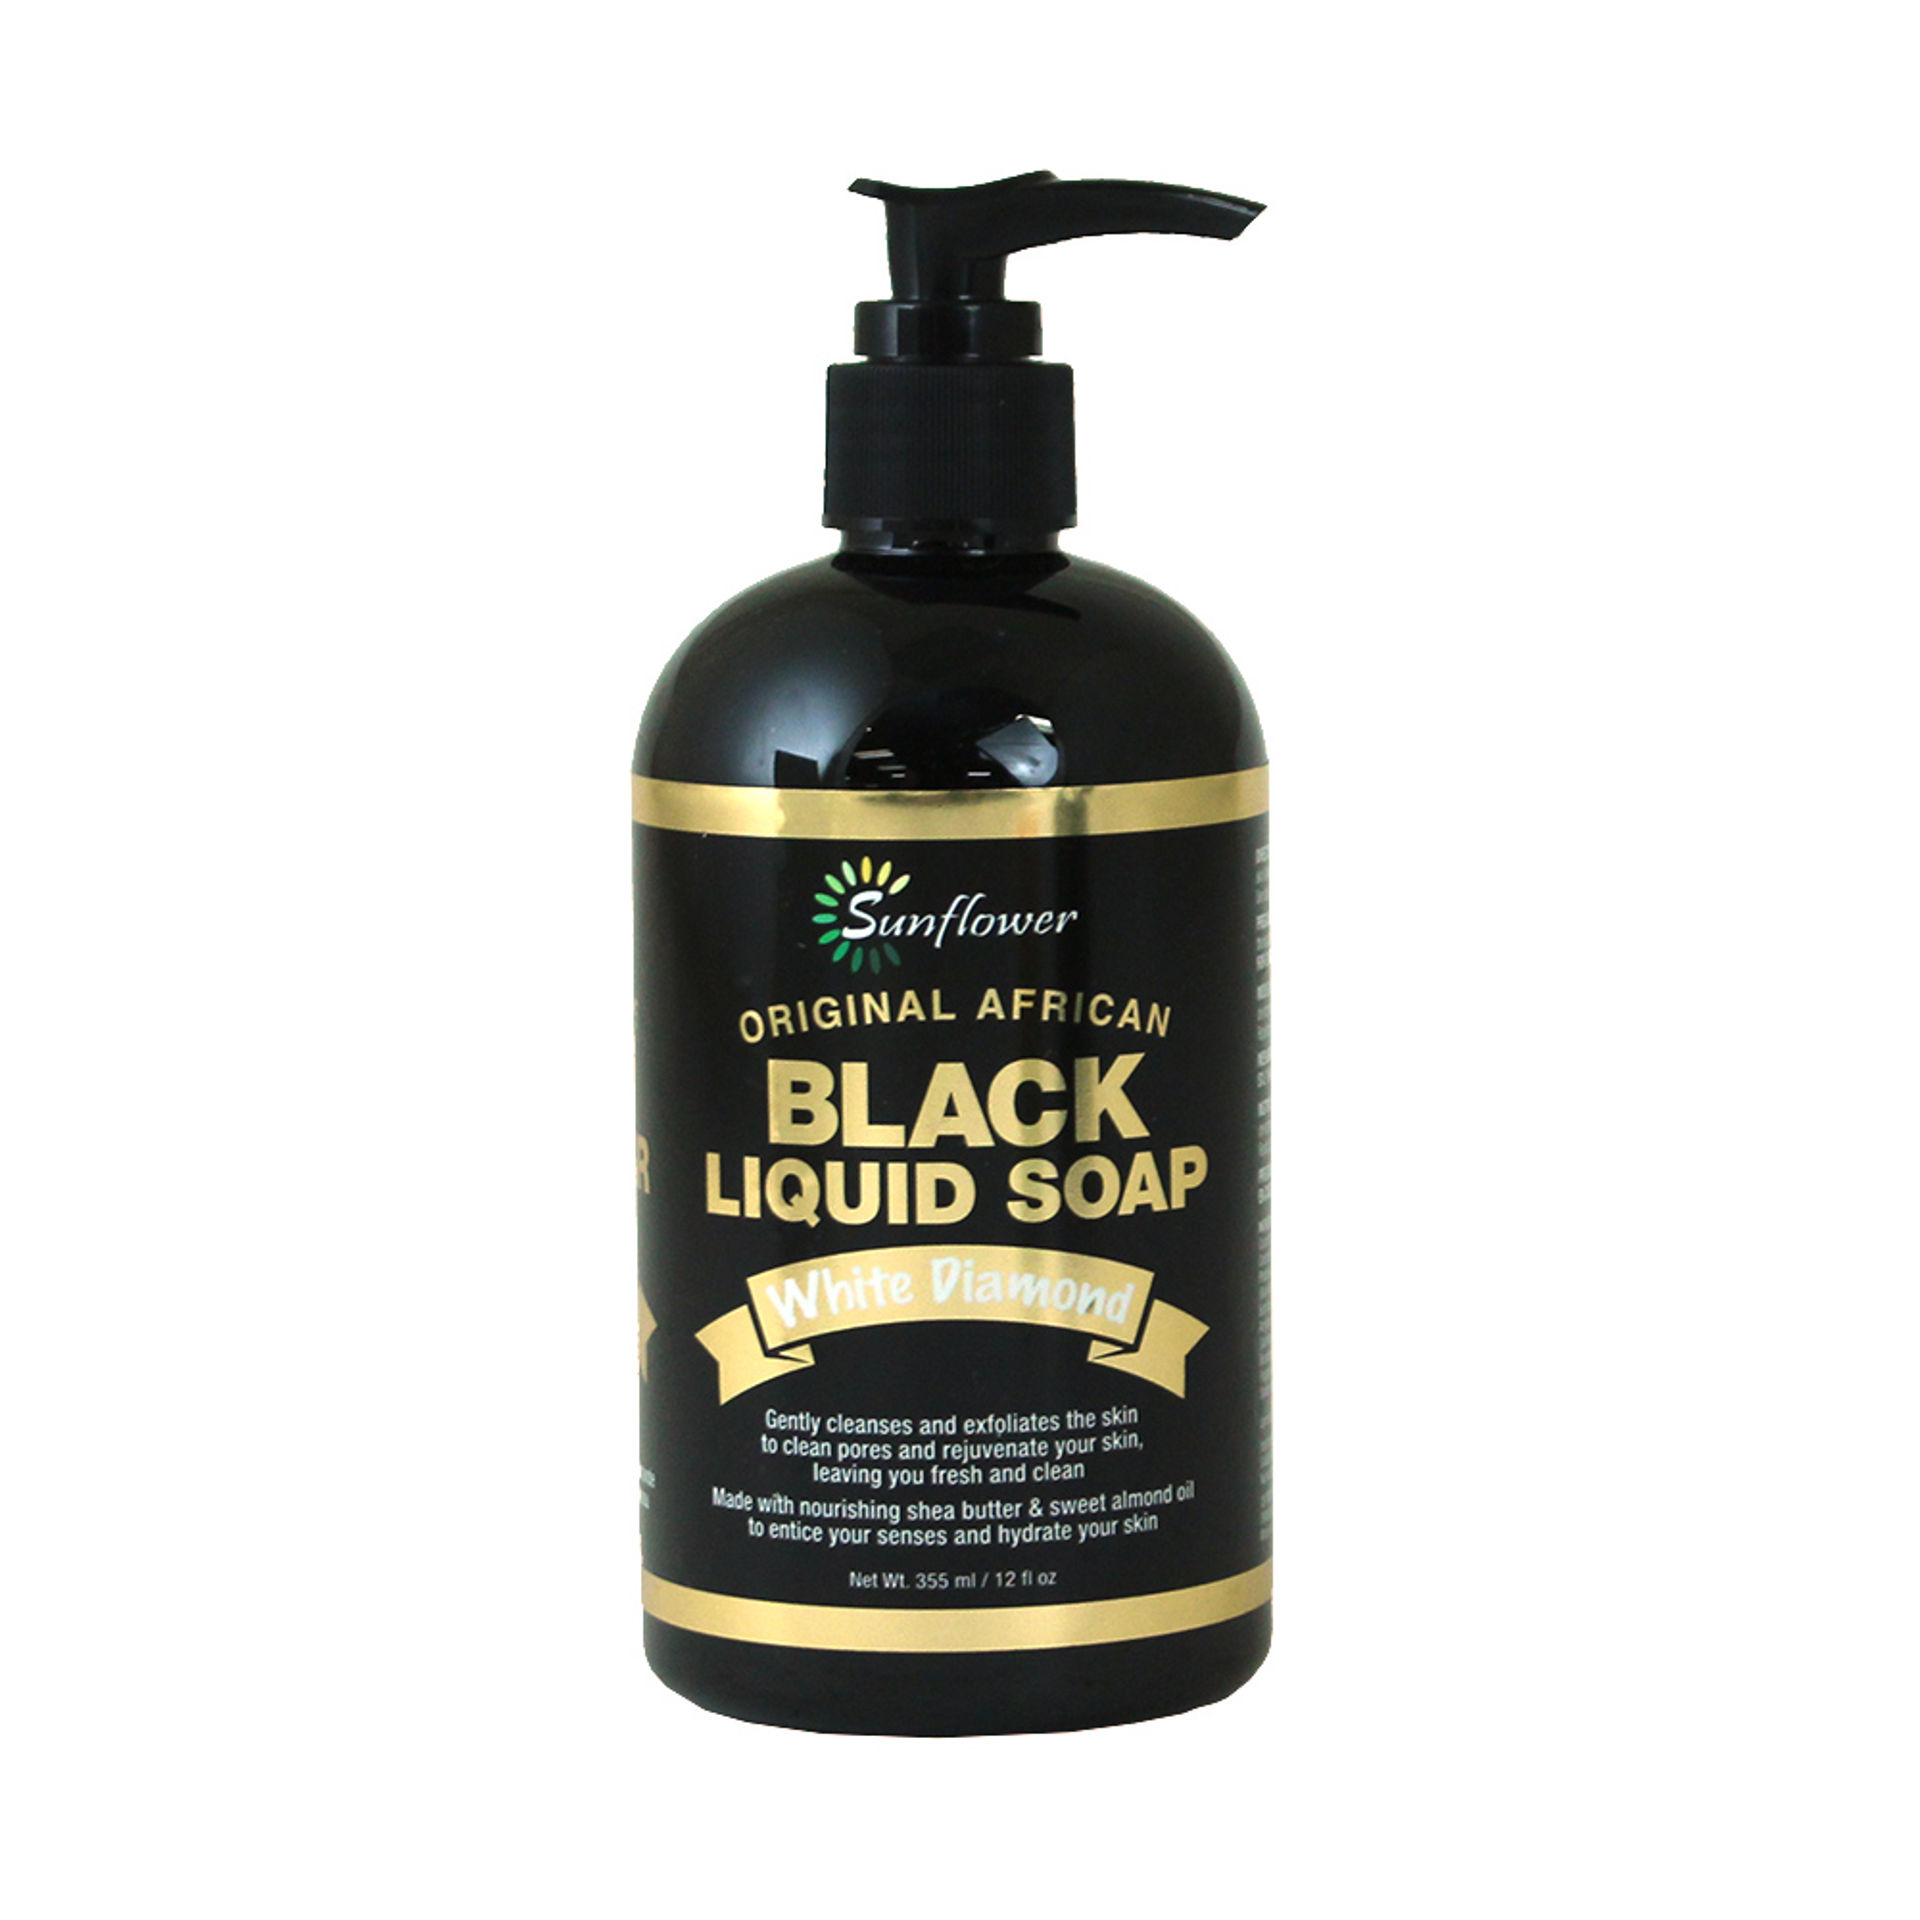 0040504_liquid-black-soap-white-diamond-12-oz_1920